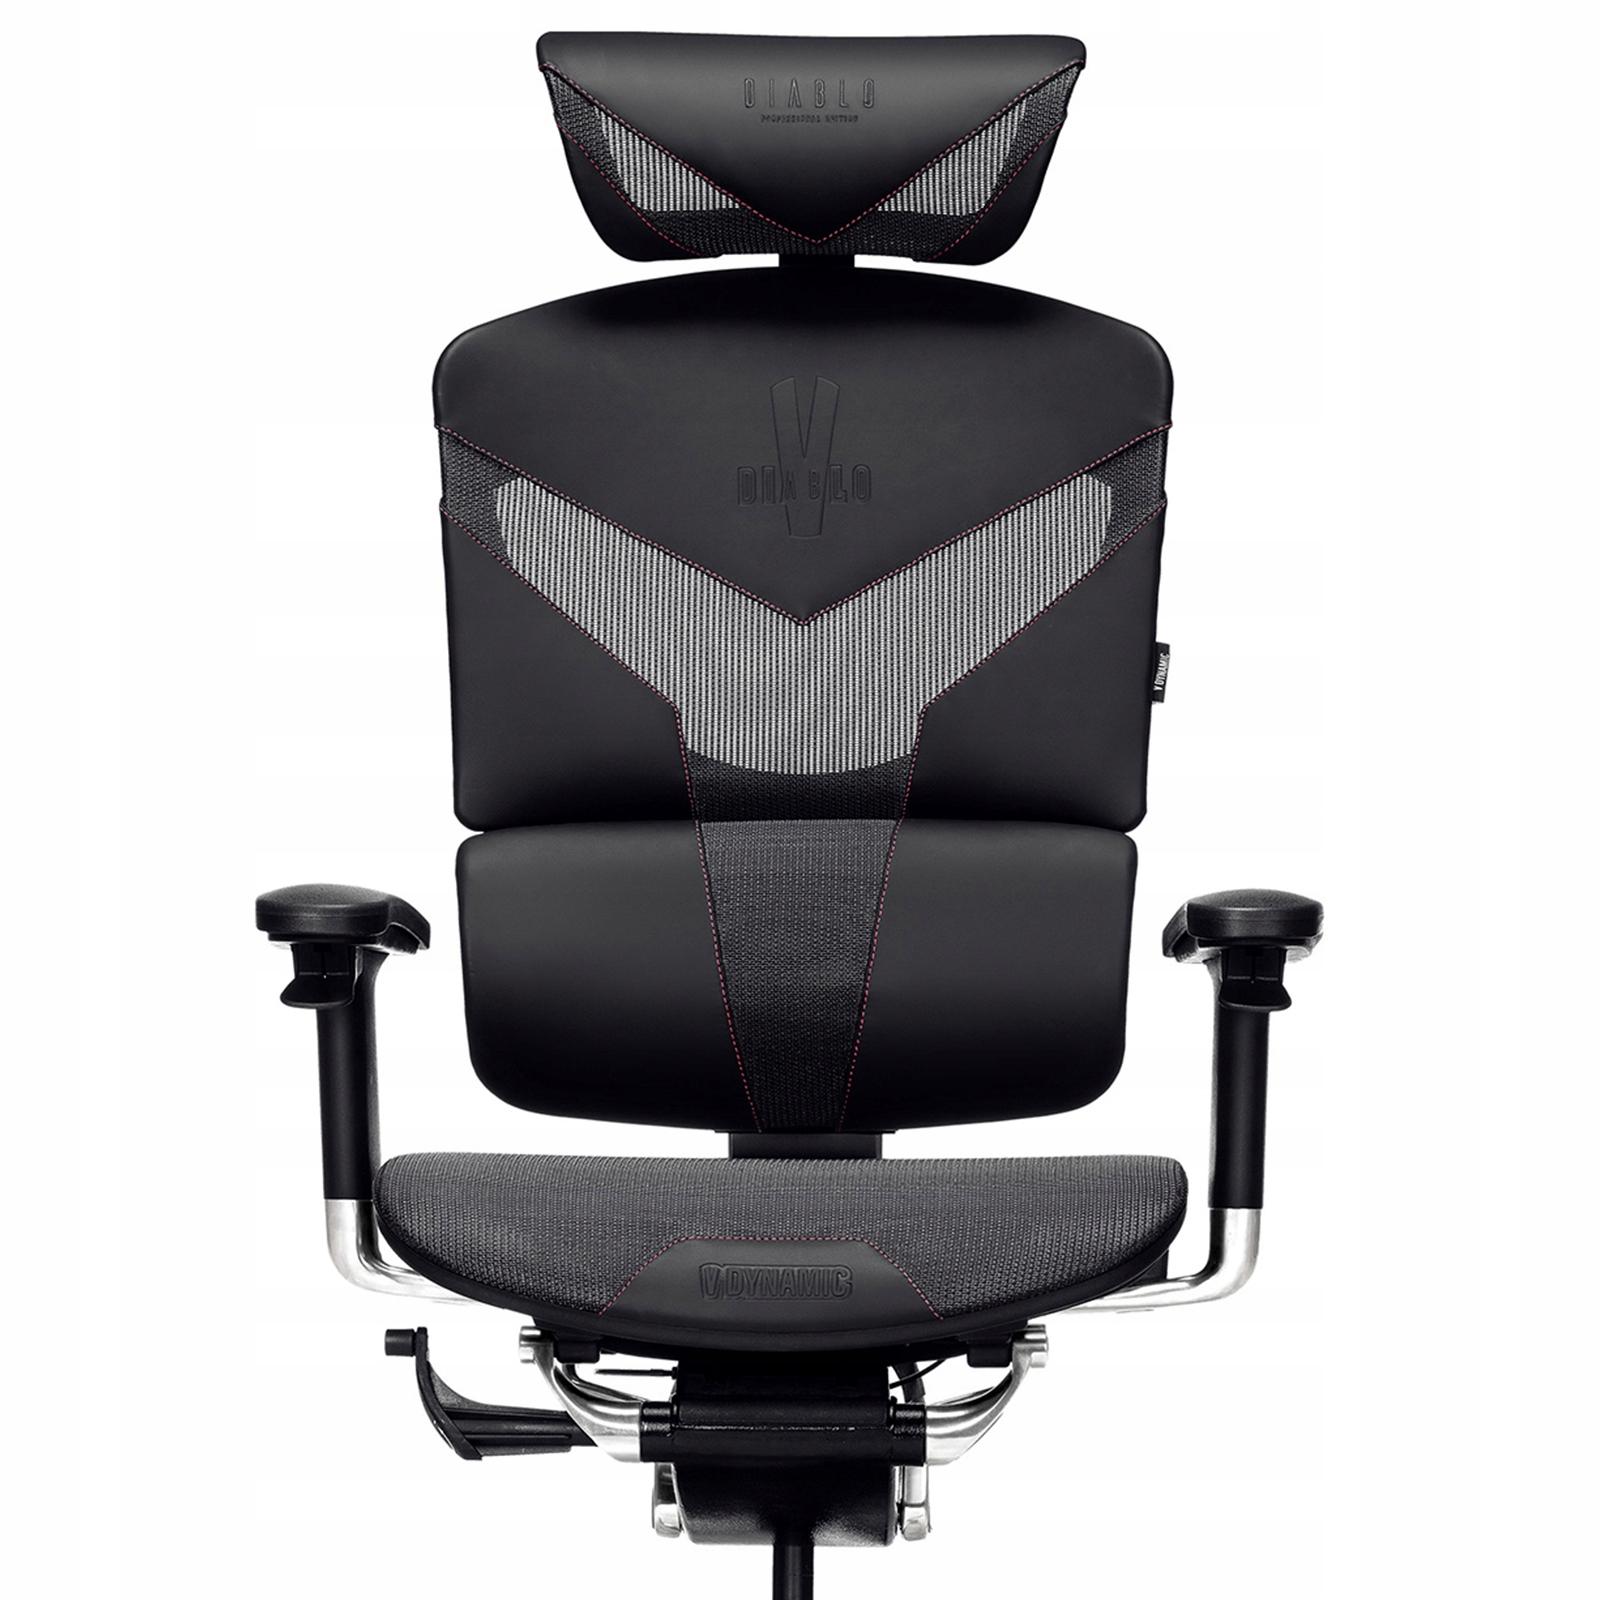 Krzesło Biurowe Fotel Diablo V Dynamic Obrotowy